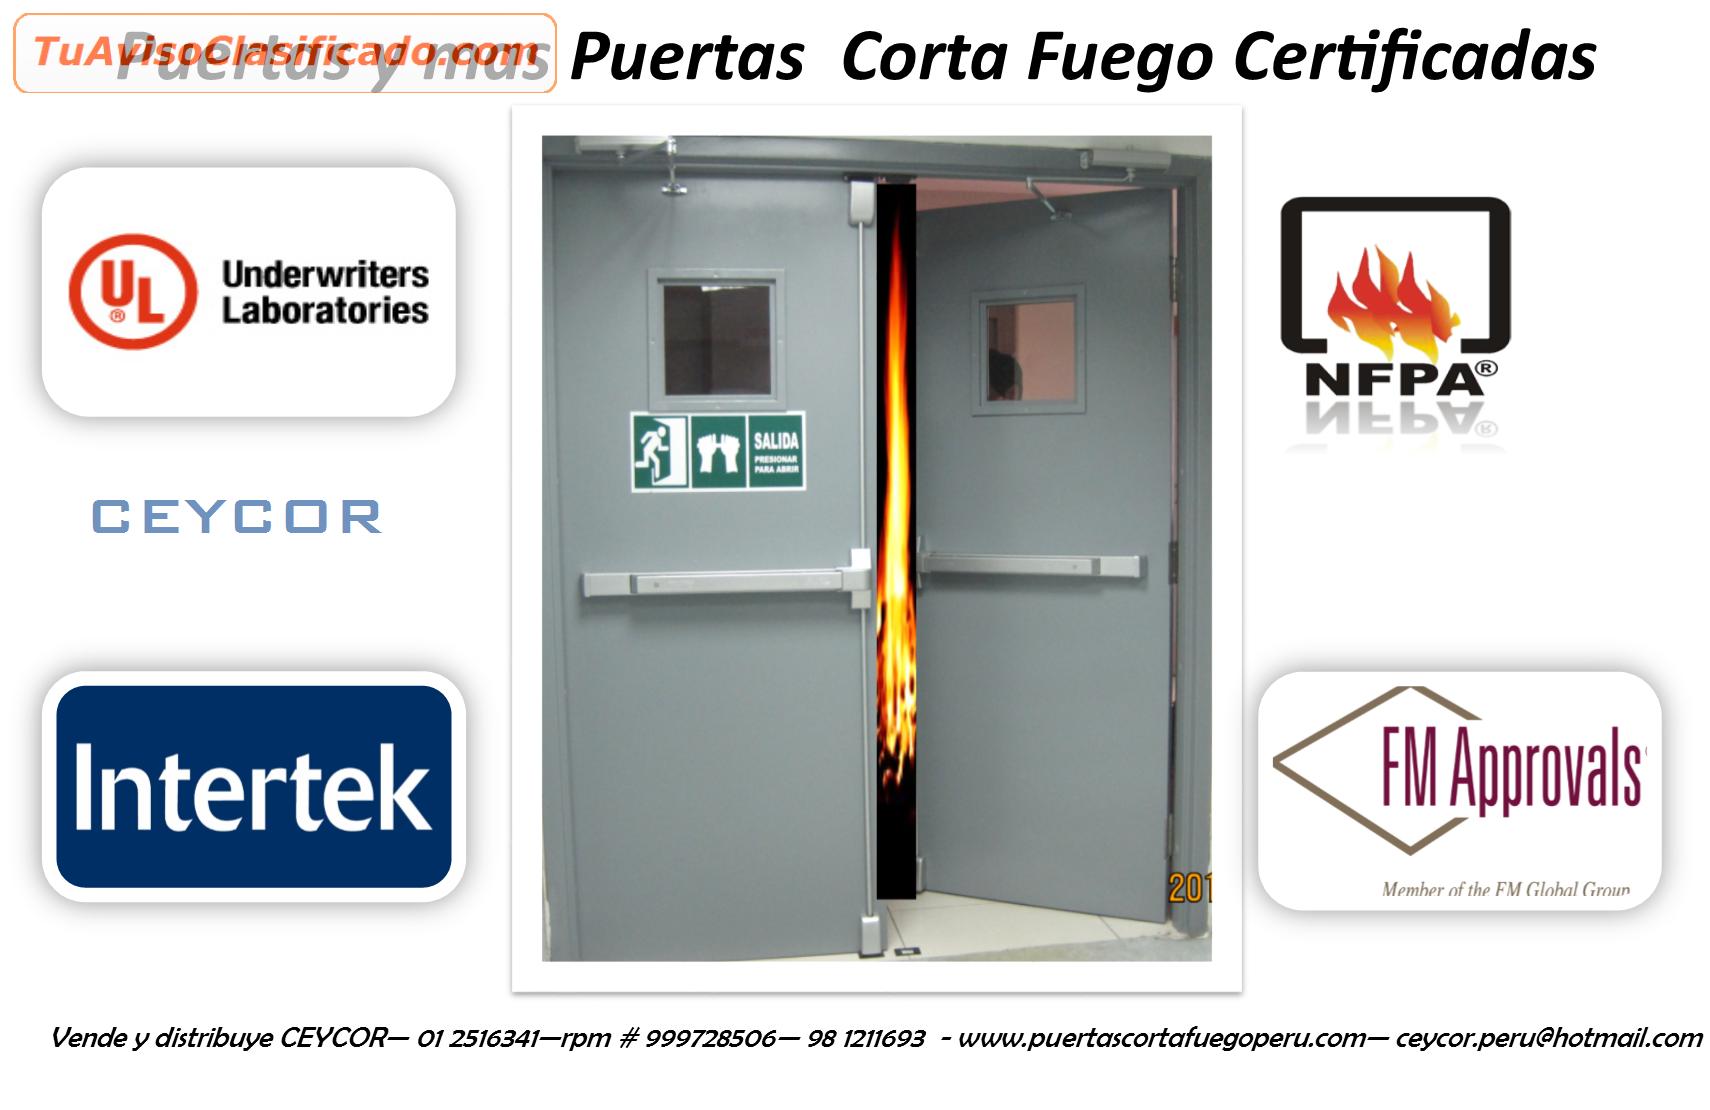 Puertas y cerraduras de escape corta fuego certificadas - Puerta cortafuegos precio ...